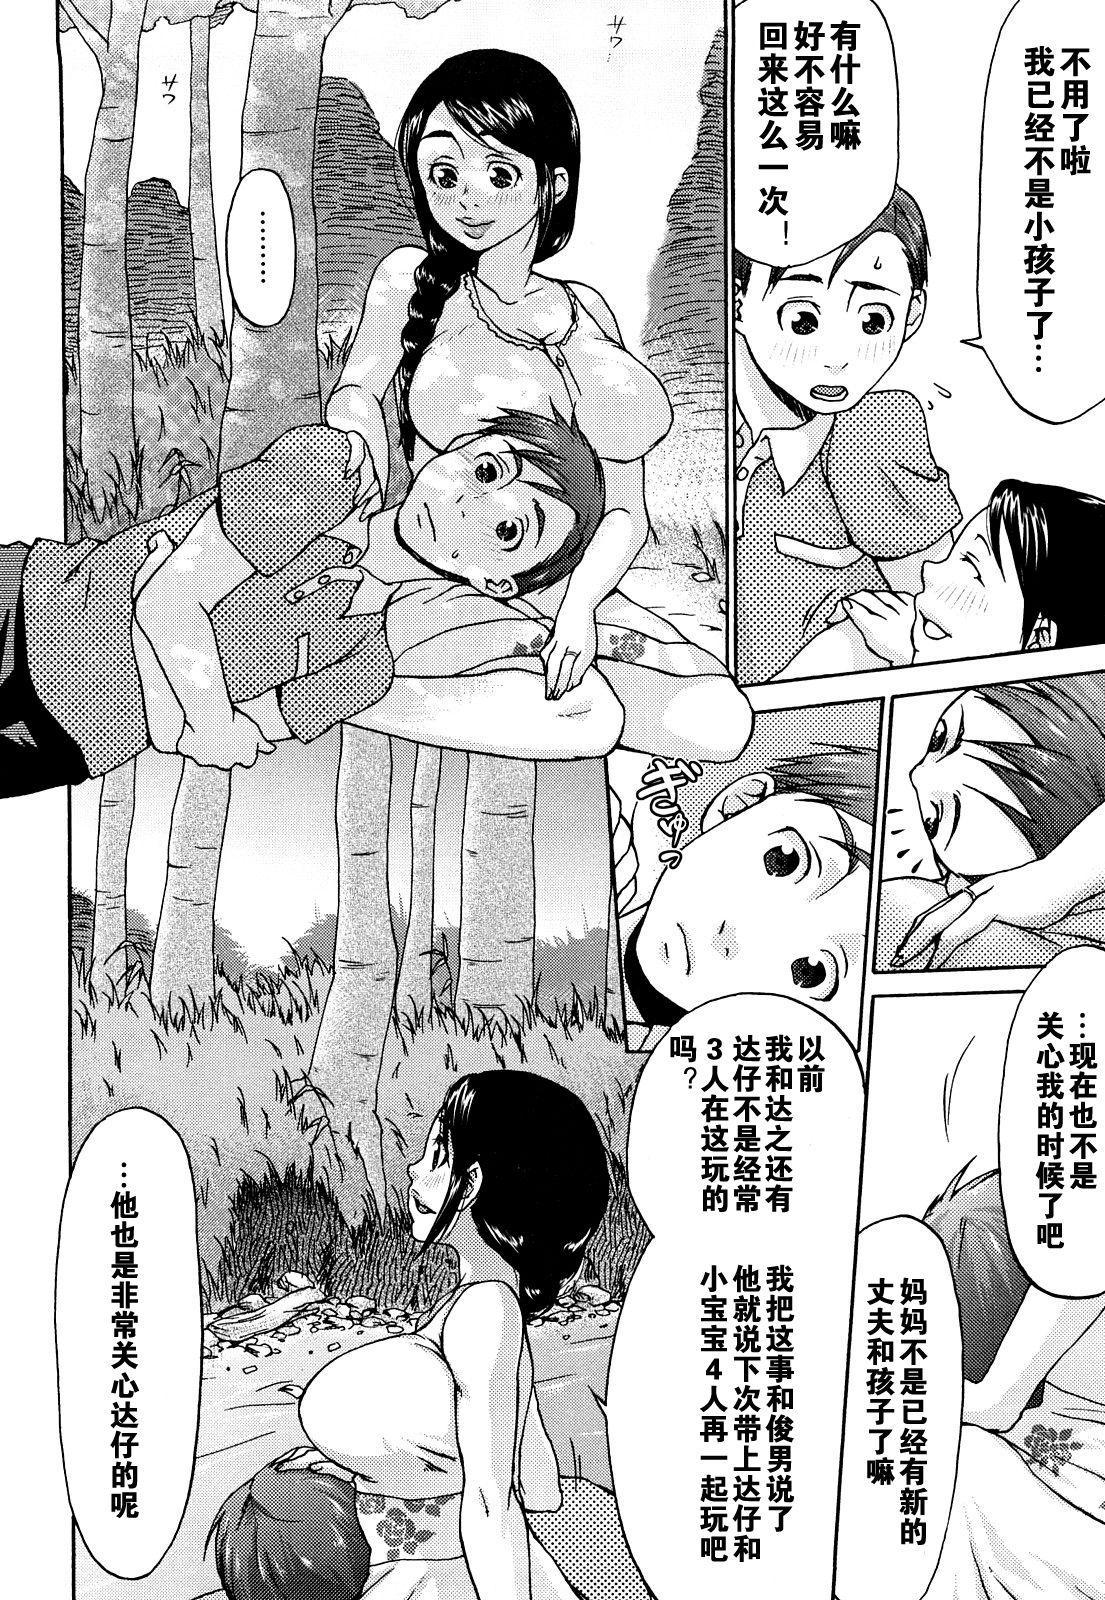 Natsu no Hi no Haha no Nukumori 7